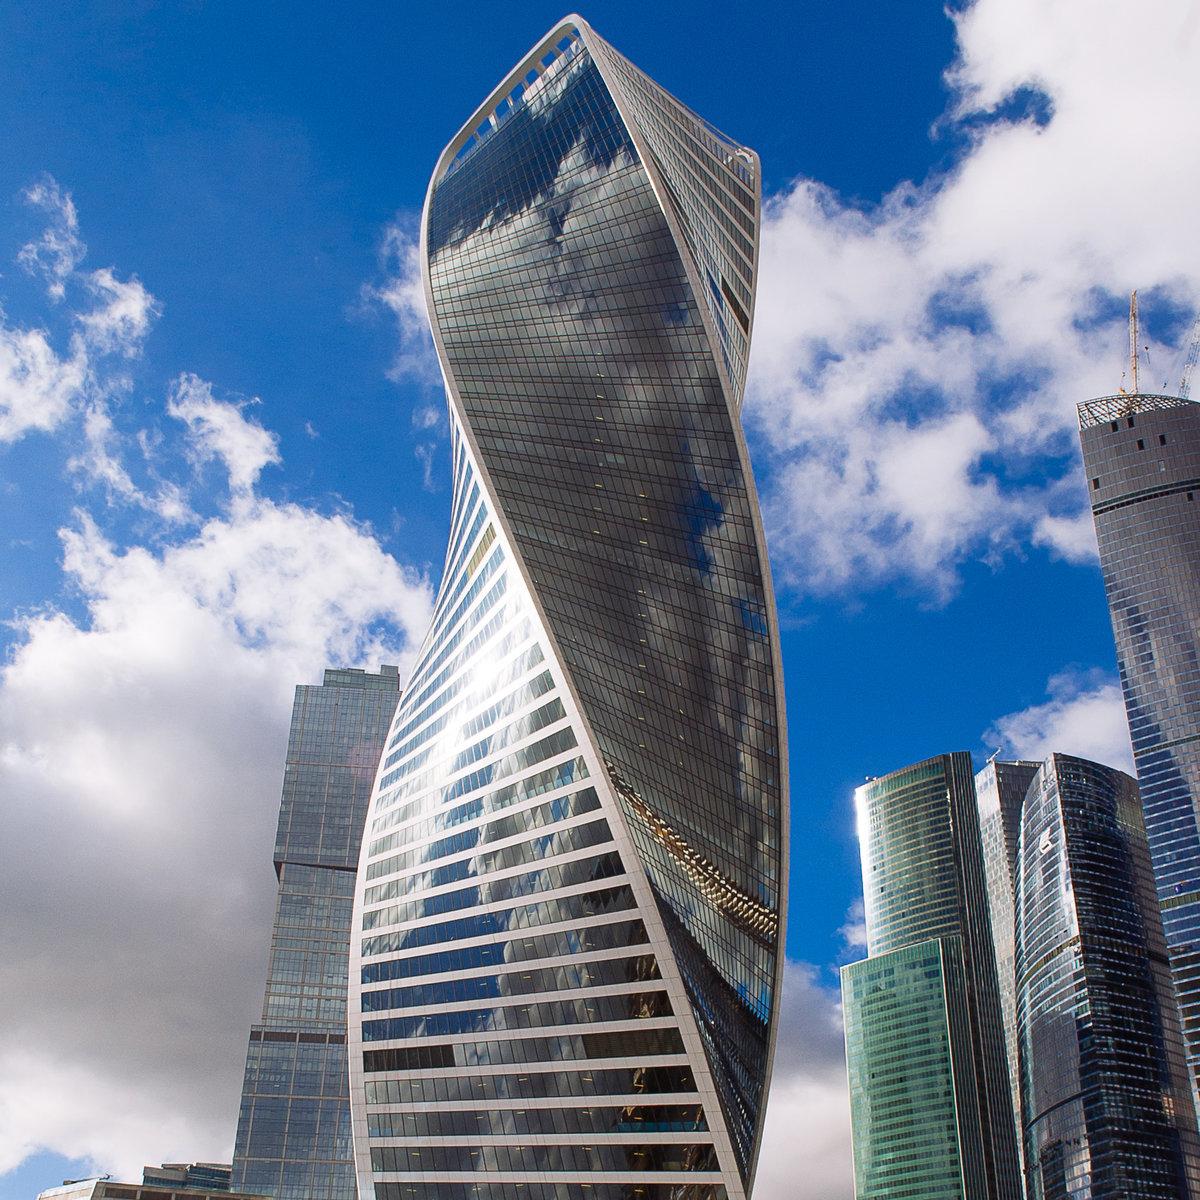 картинки самого большого здания в москве составляют программу тренировок